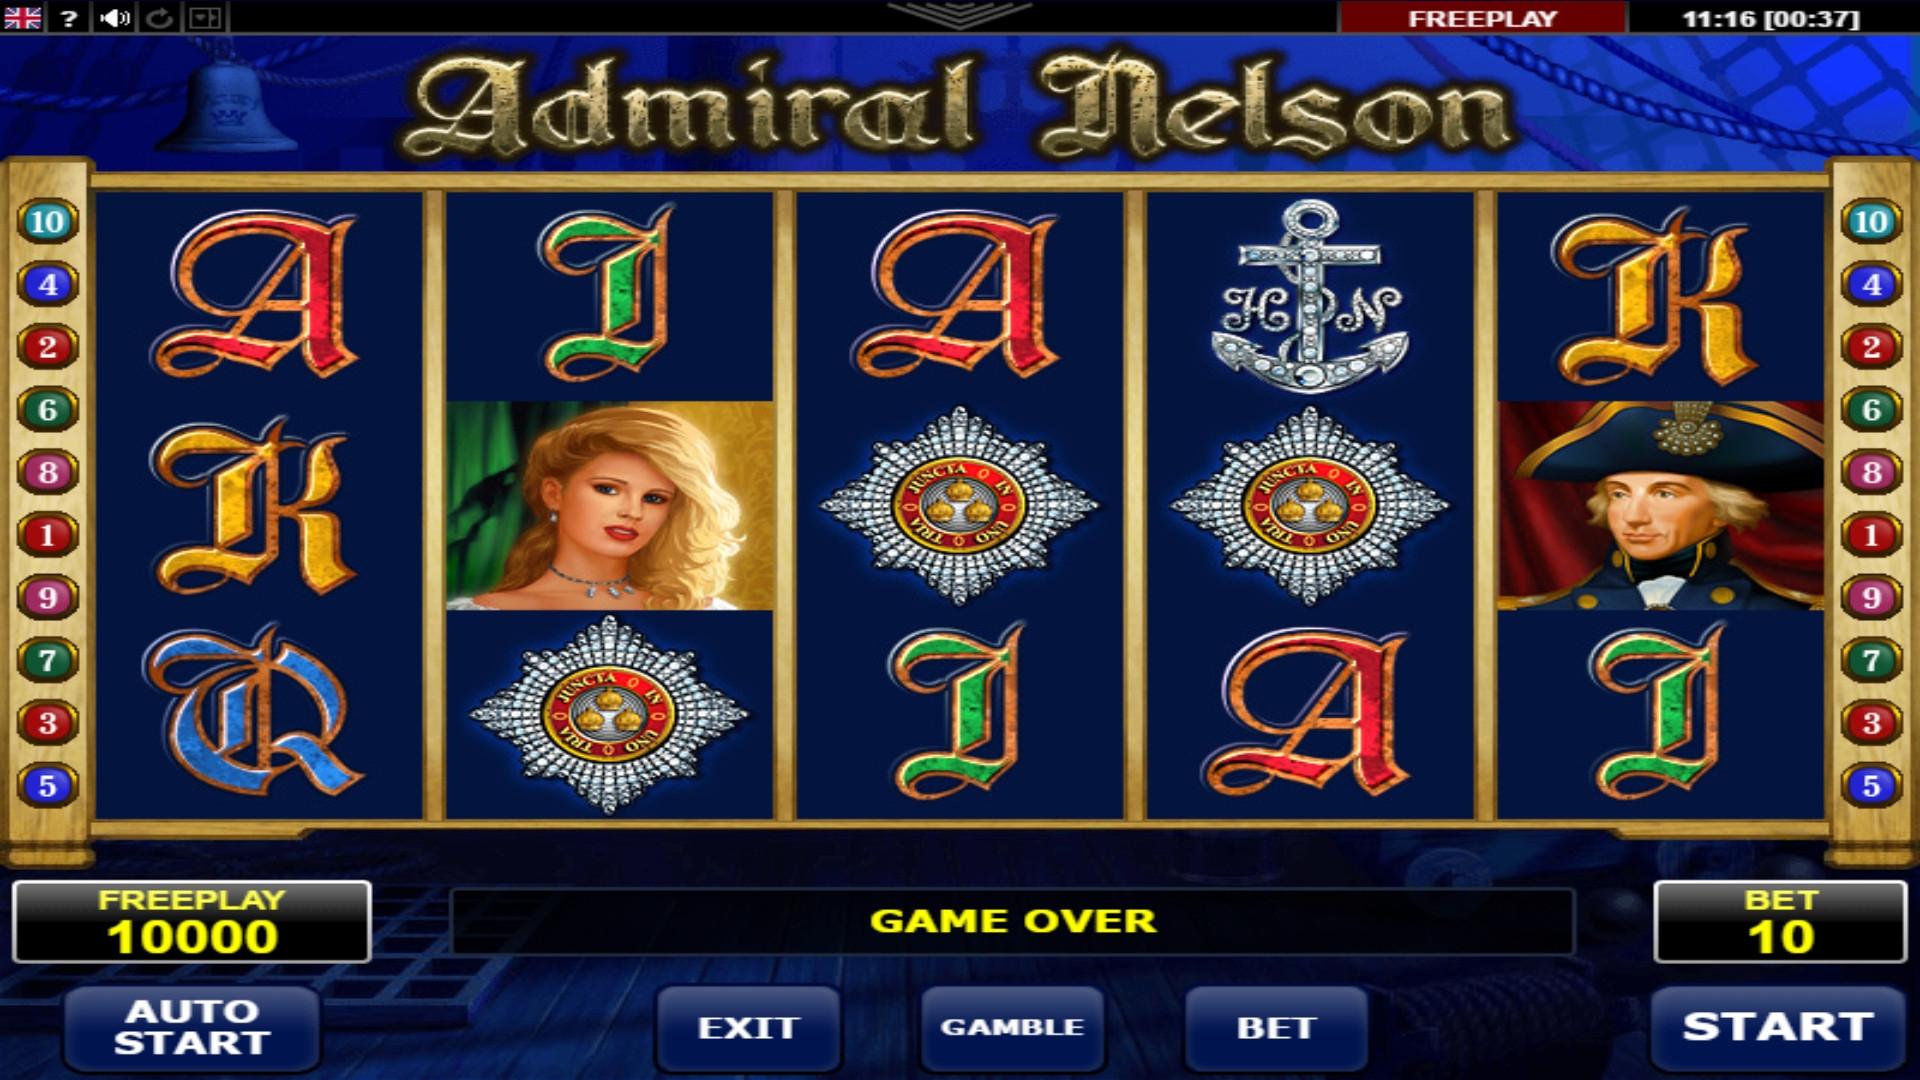 слот автомат адмирал